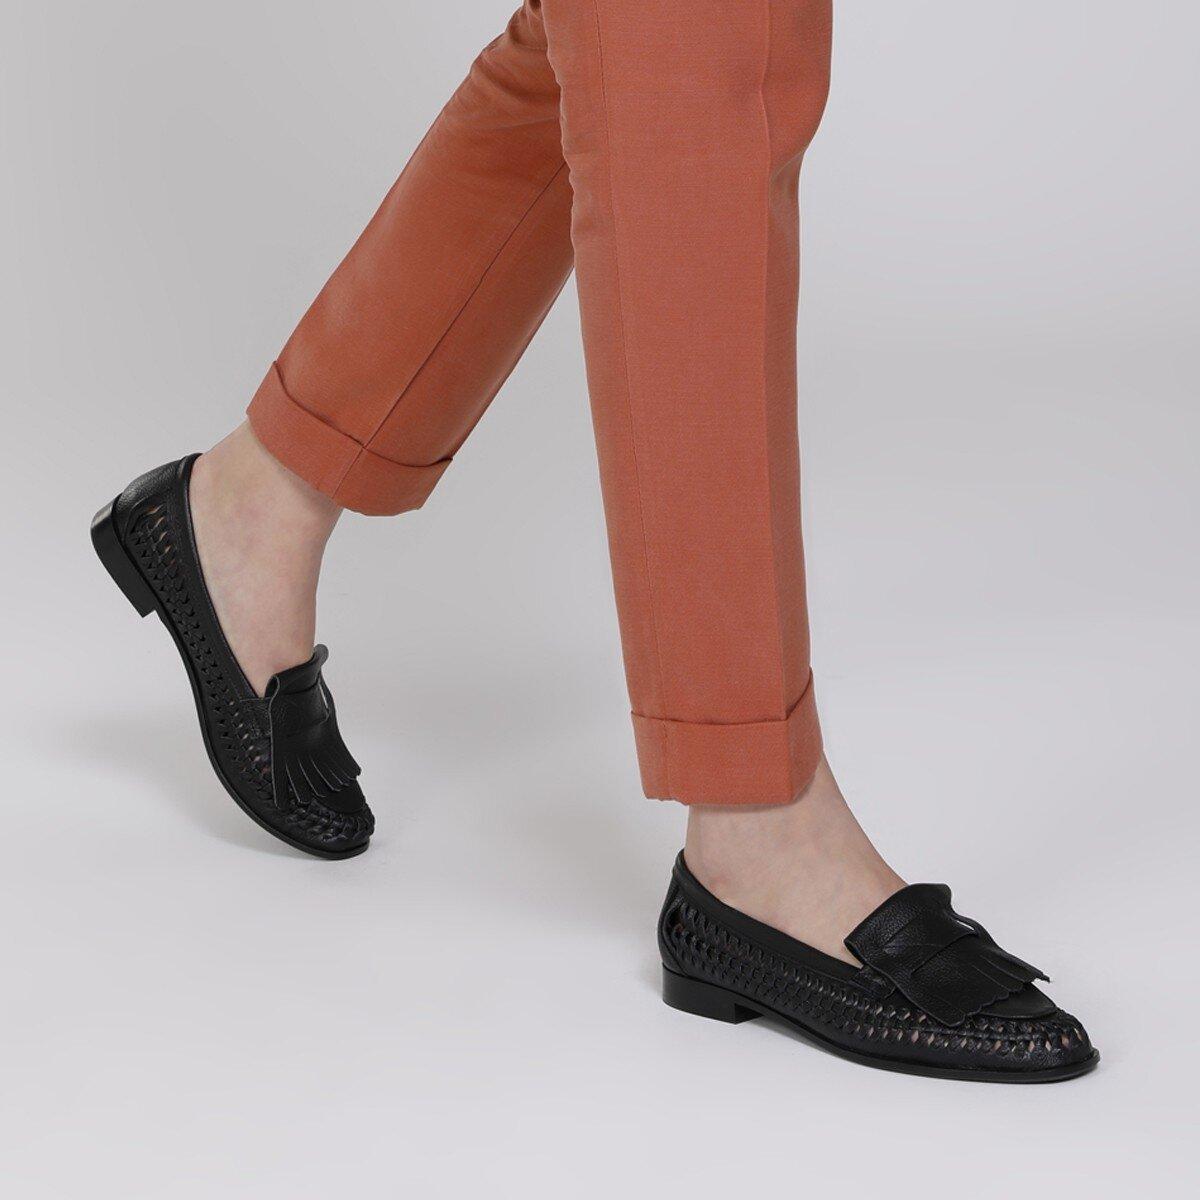 FAINRA 1FX Siyah Kadın Loafer Ayakkabı